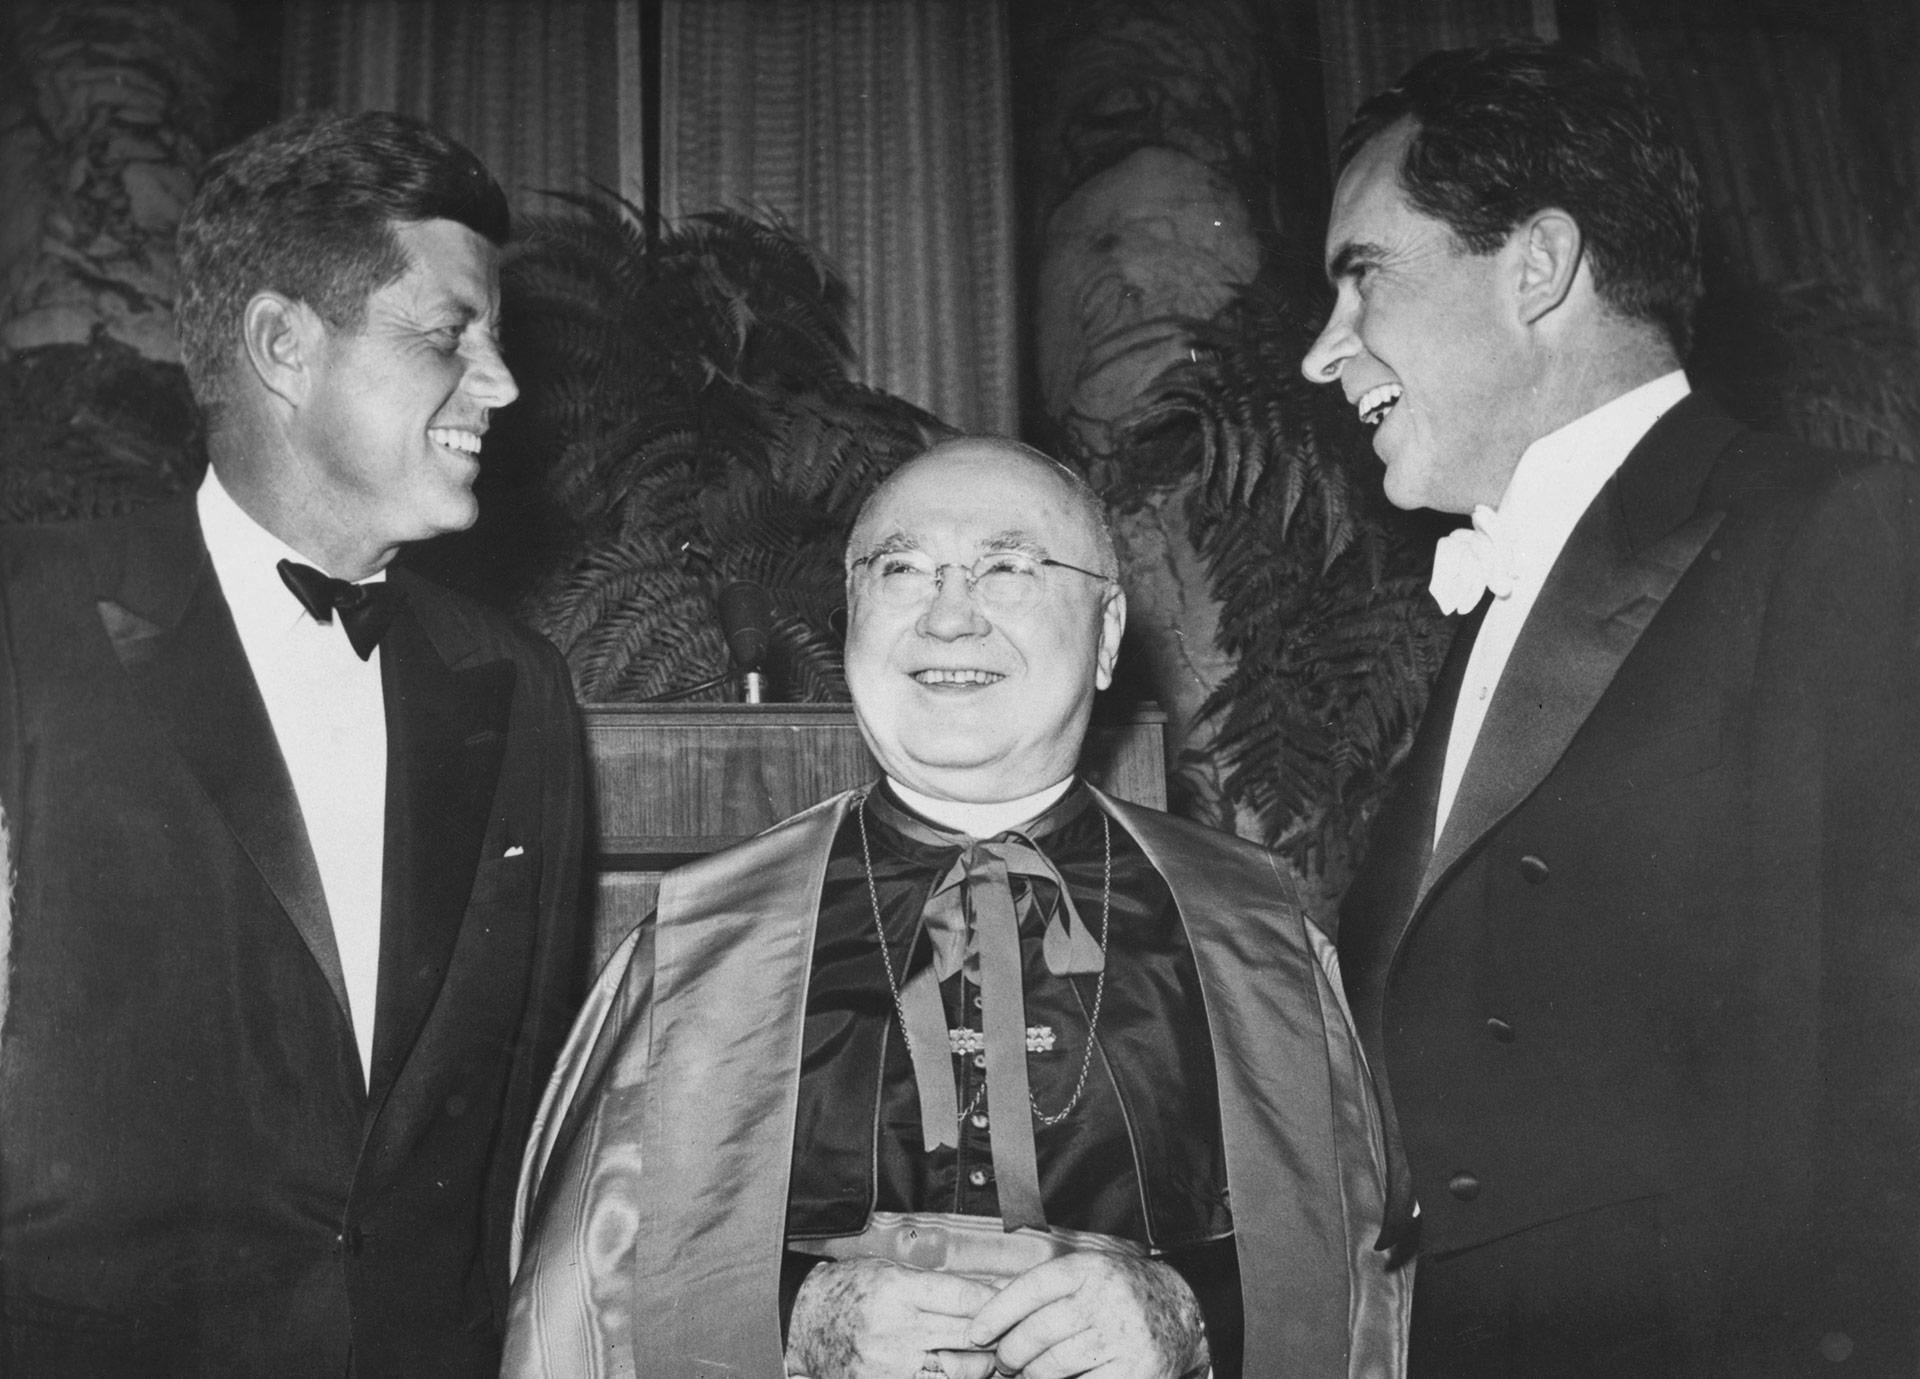 Francis Spellman, arzobispo deNueva York, escoltado en 1960 por los entonces candidatos a la presidencia John F Kennedy yRichard Nixon at New York (Keystone/Getty Images)